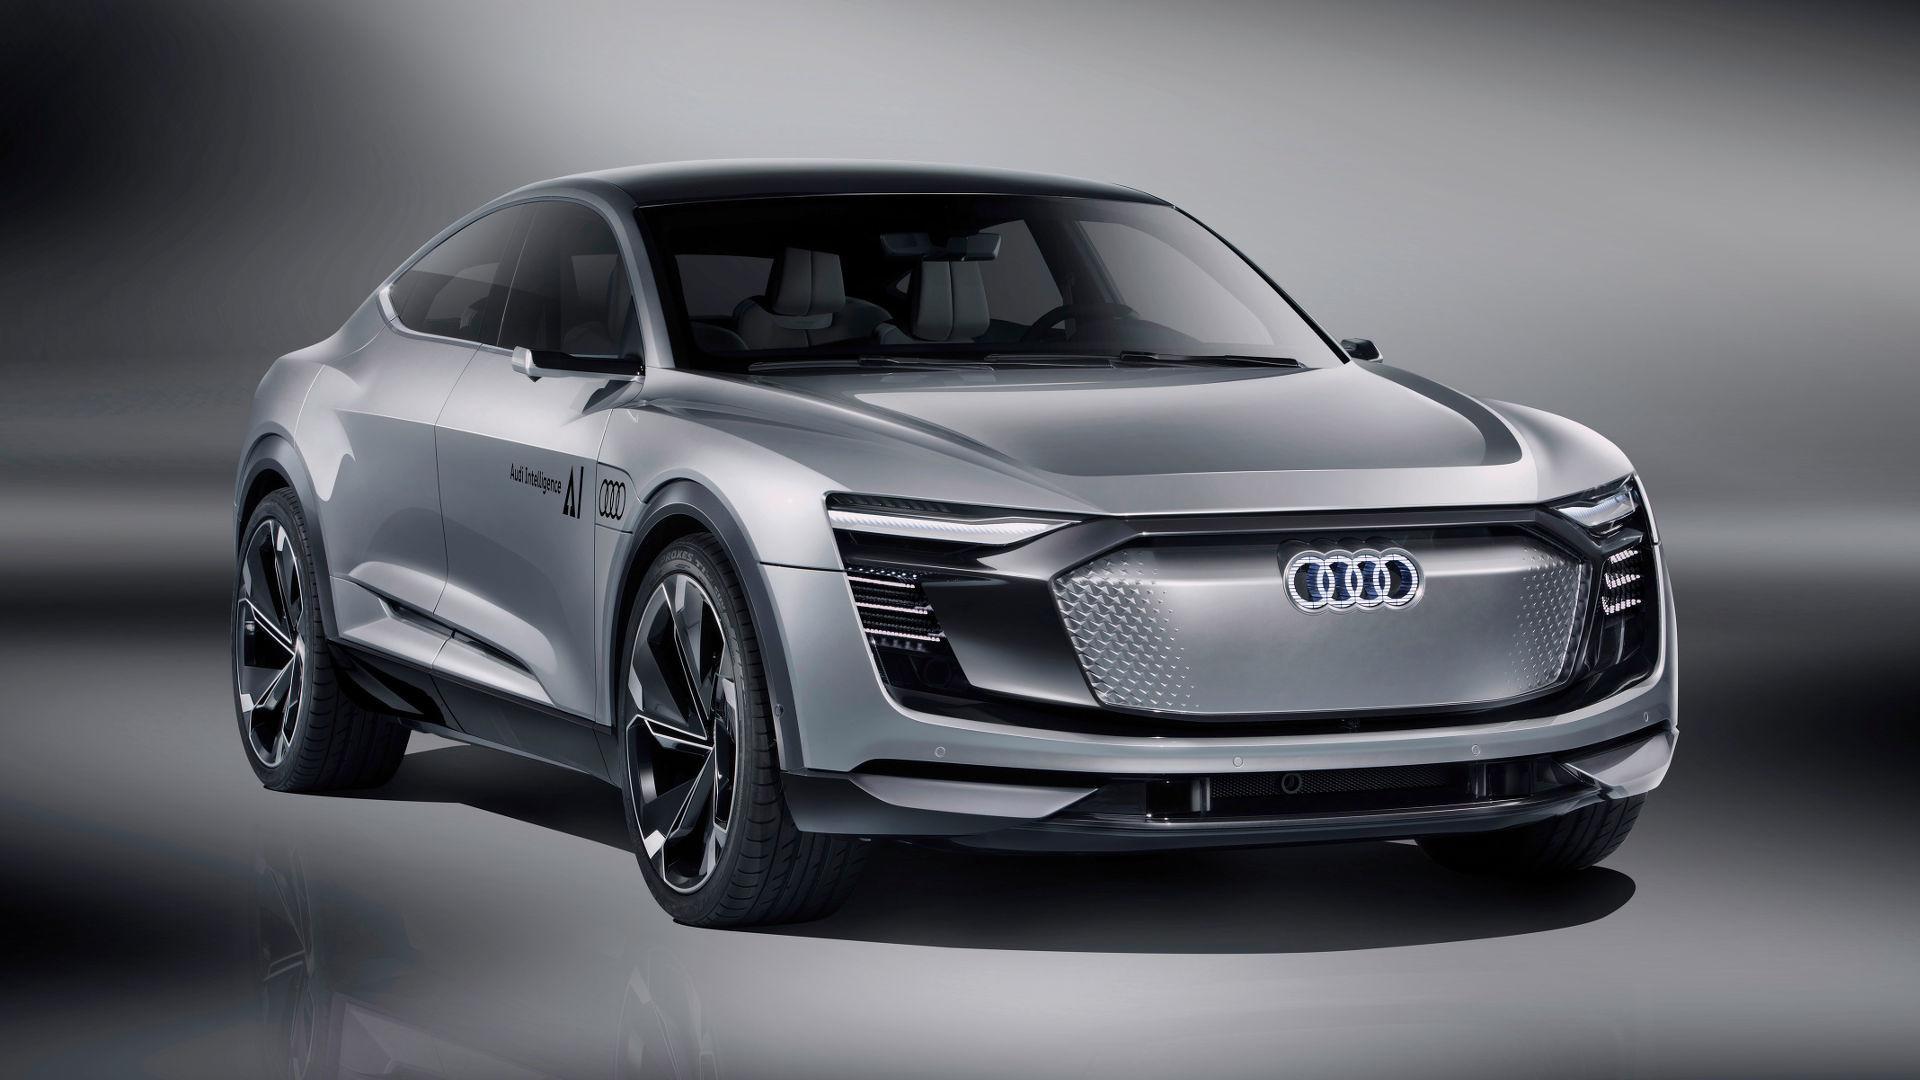 Audi Elaine с автопилотом 4 поколения представили официально